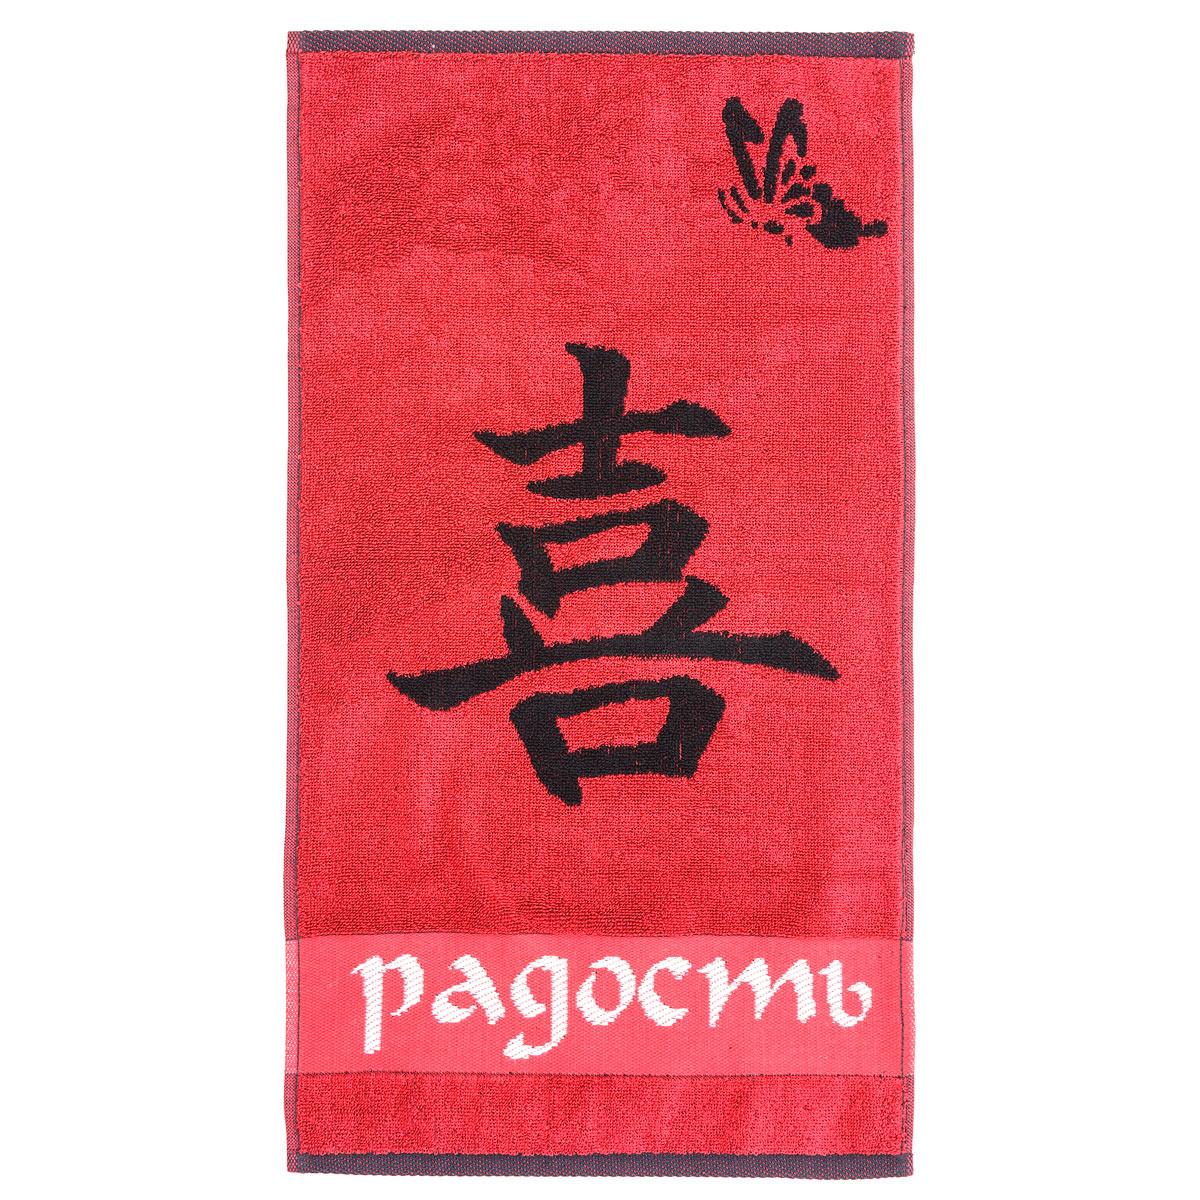 Полотенце Радость р. 30х60Махровые полотенца<br><br><br>Тип: Полотенце<br>Размер: 30х60<br>Материал: Махра